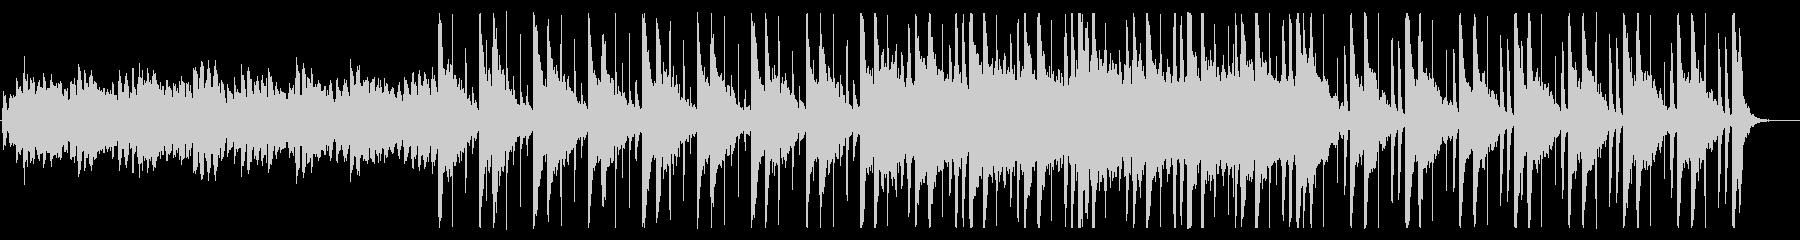 和を感じる切ないBGM_No604_2の未再生の波形